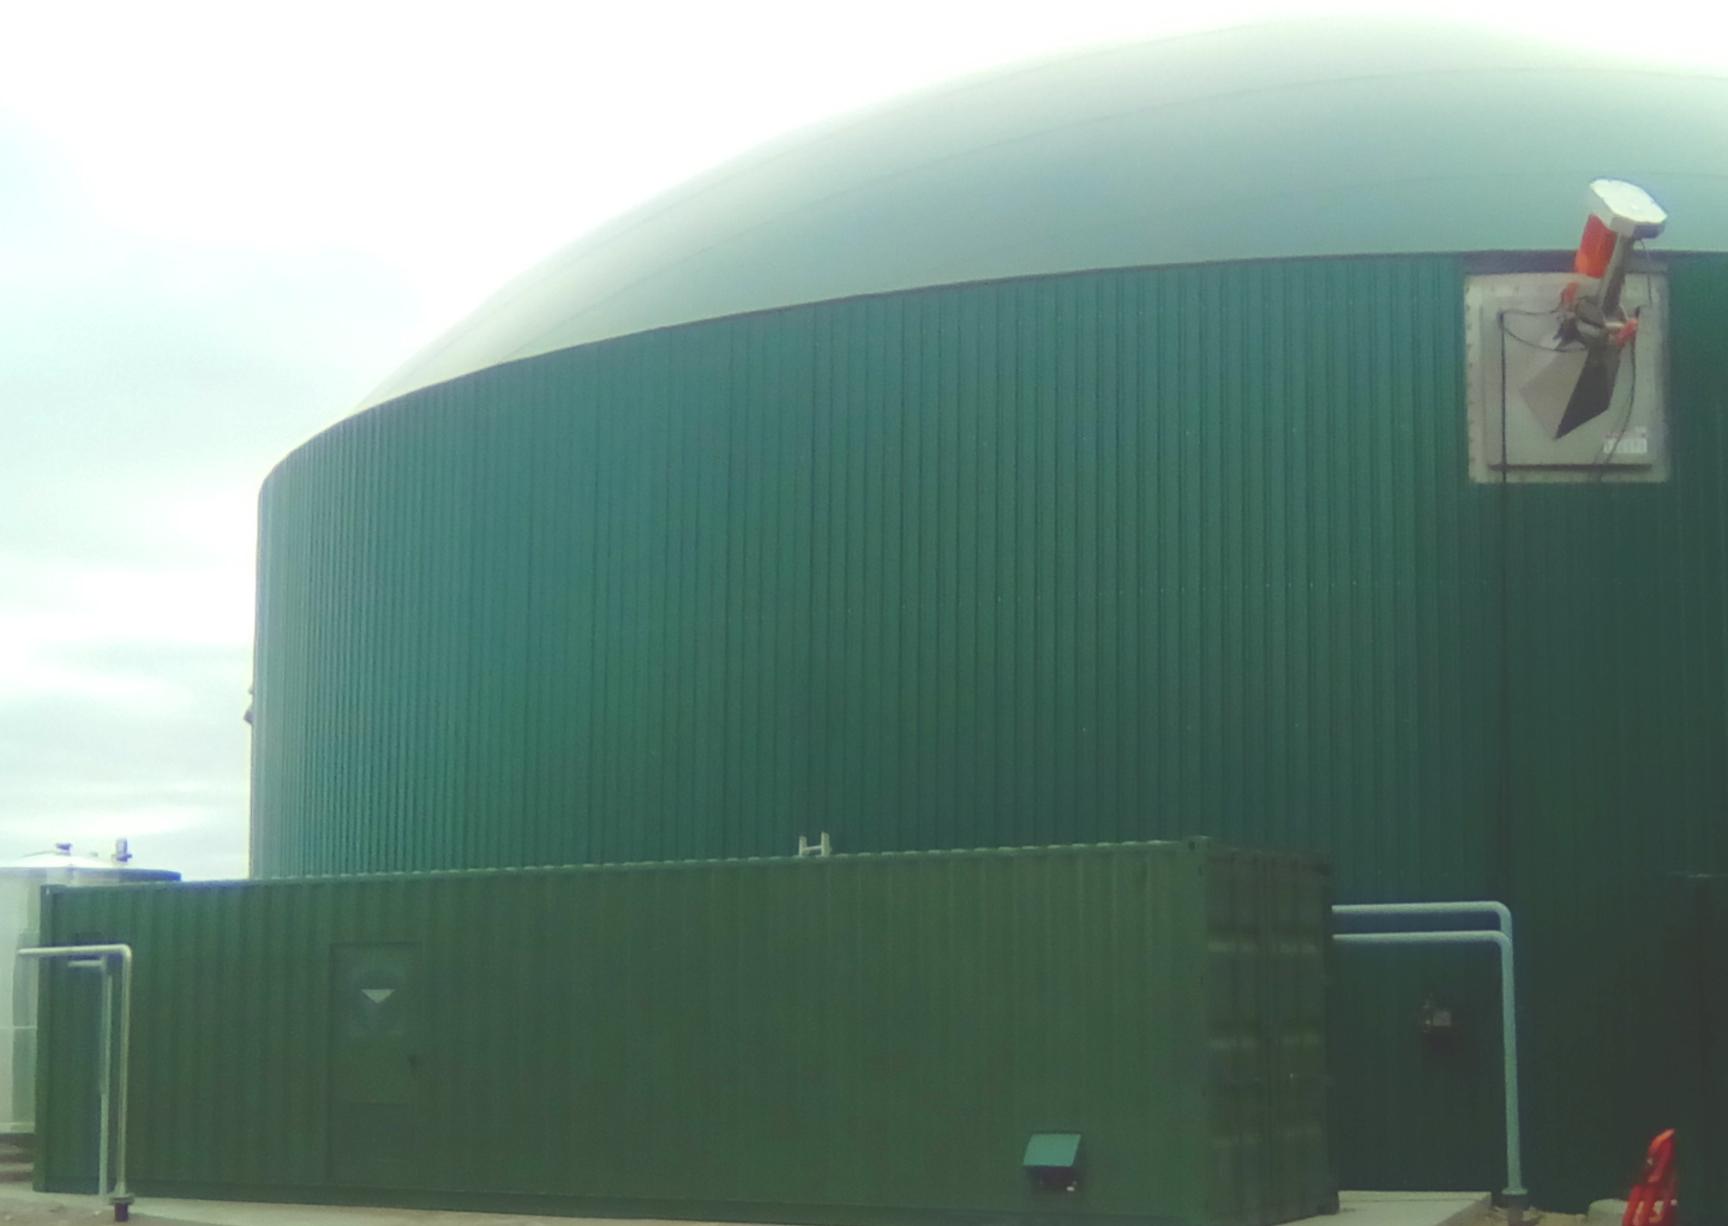 Pasteurizador 06-Planta de Biogás de 1MW en Tornagrain Reino Unido